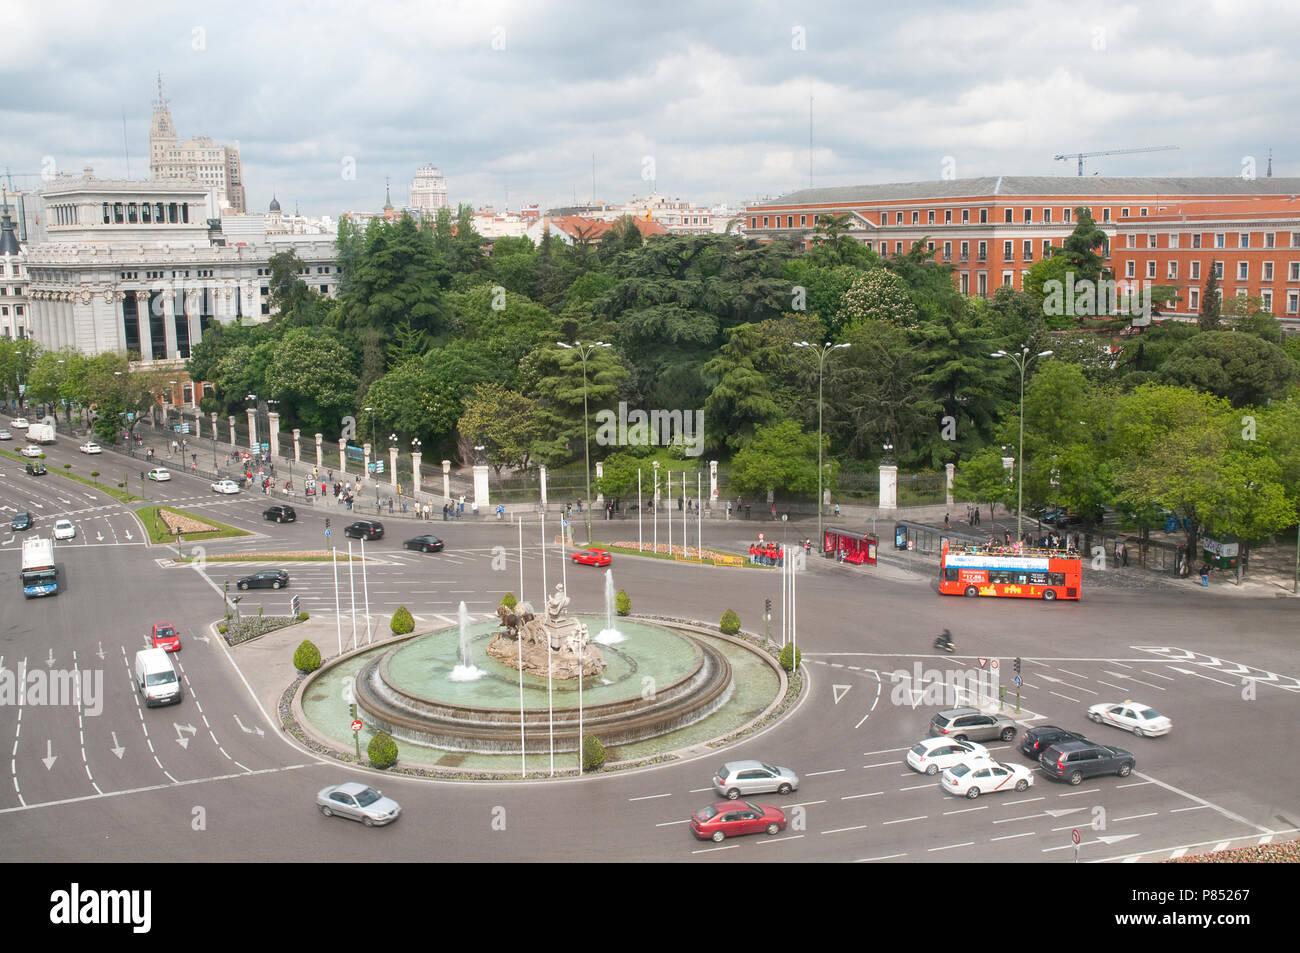 Plaza de la Cibeles, Ansicht von oben. Madrid, Spanien. Stockbild